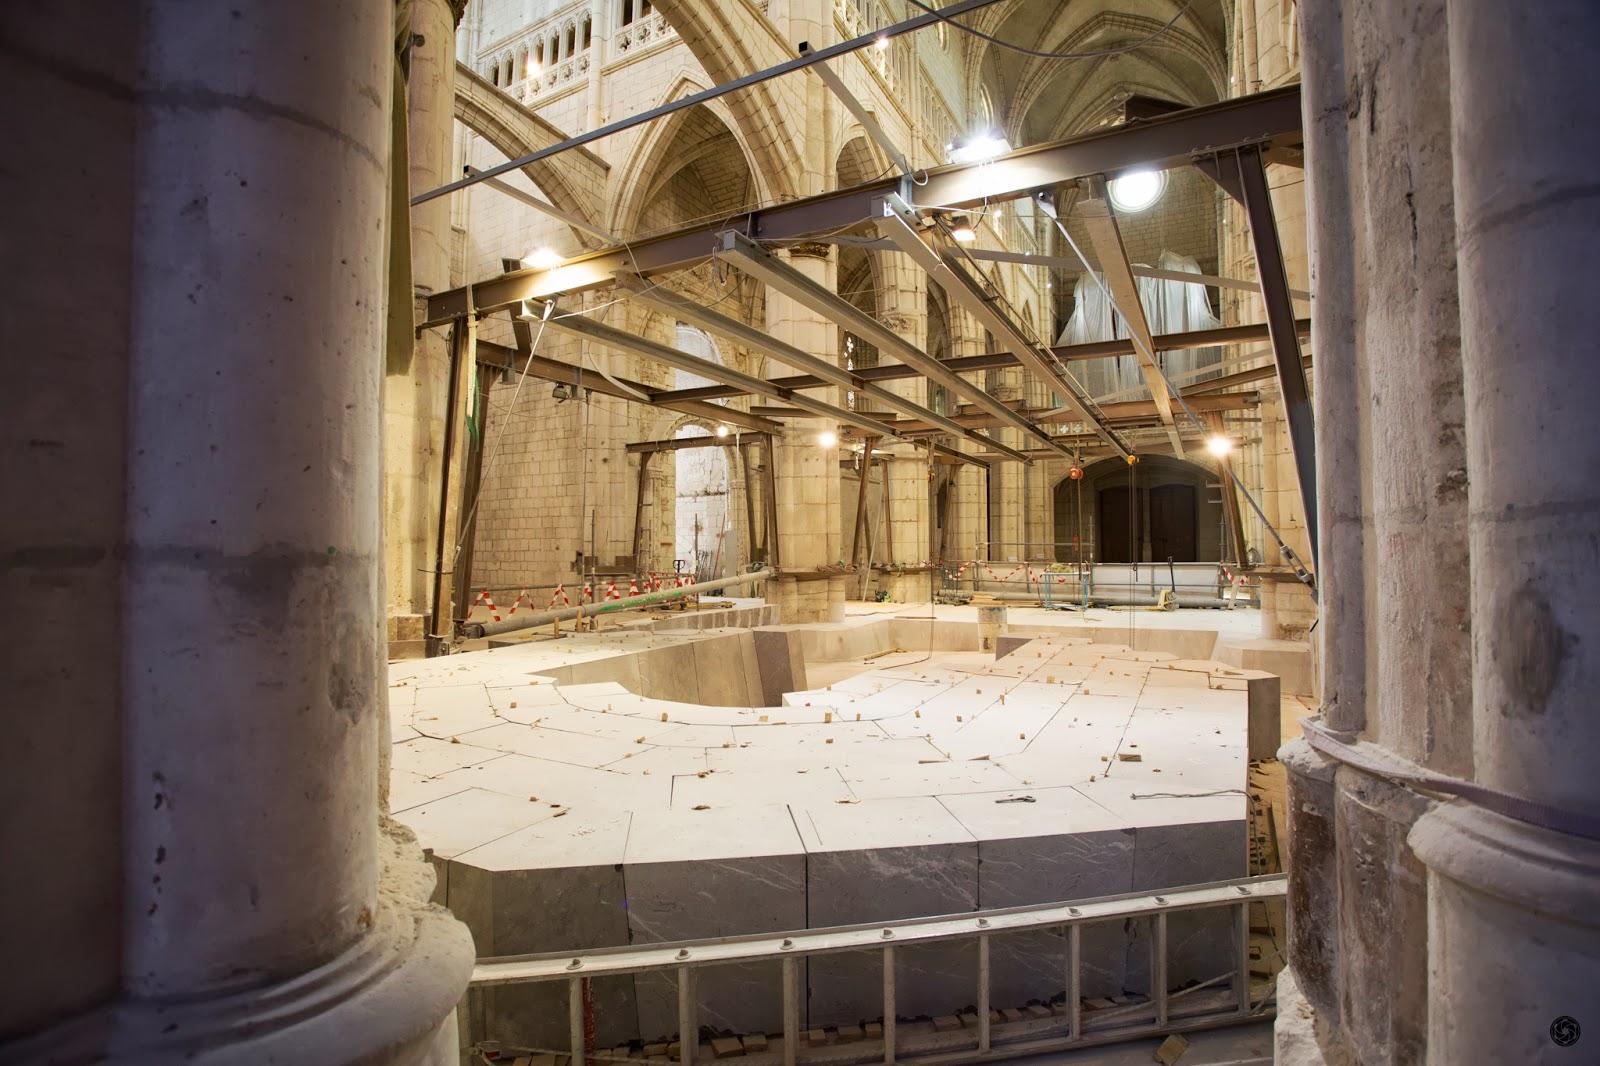 Perspectiva de la zona del altar y detalle del progreso de la bóveda :: Canon EOS 5D MkIII | ISO1600 | Canon 17-40 @17mm | f/5.0 | 1/25s